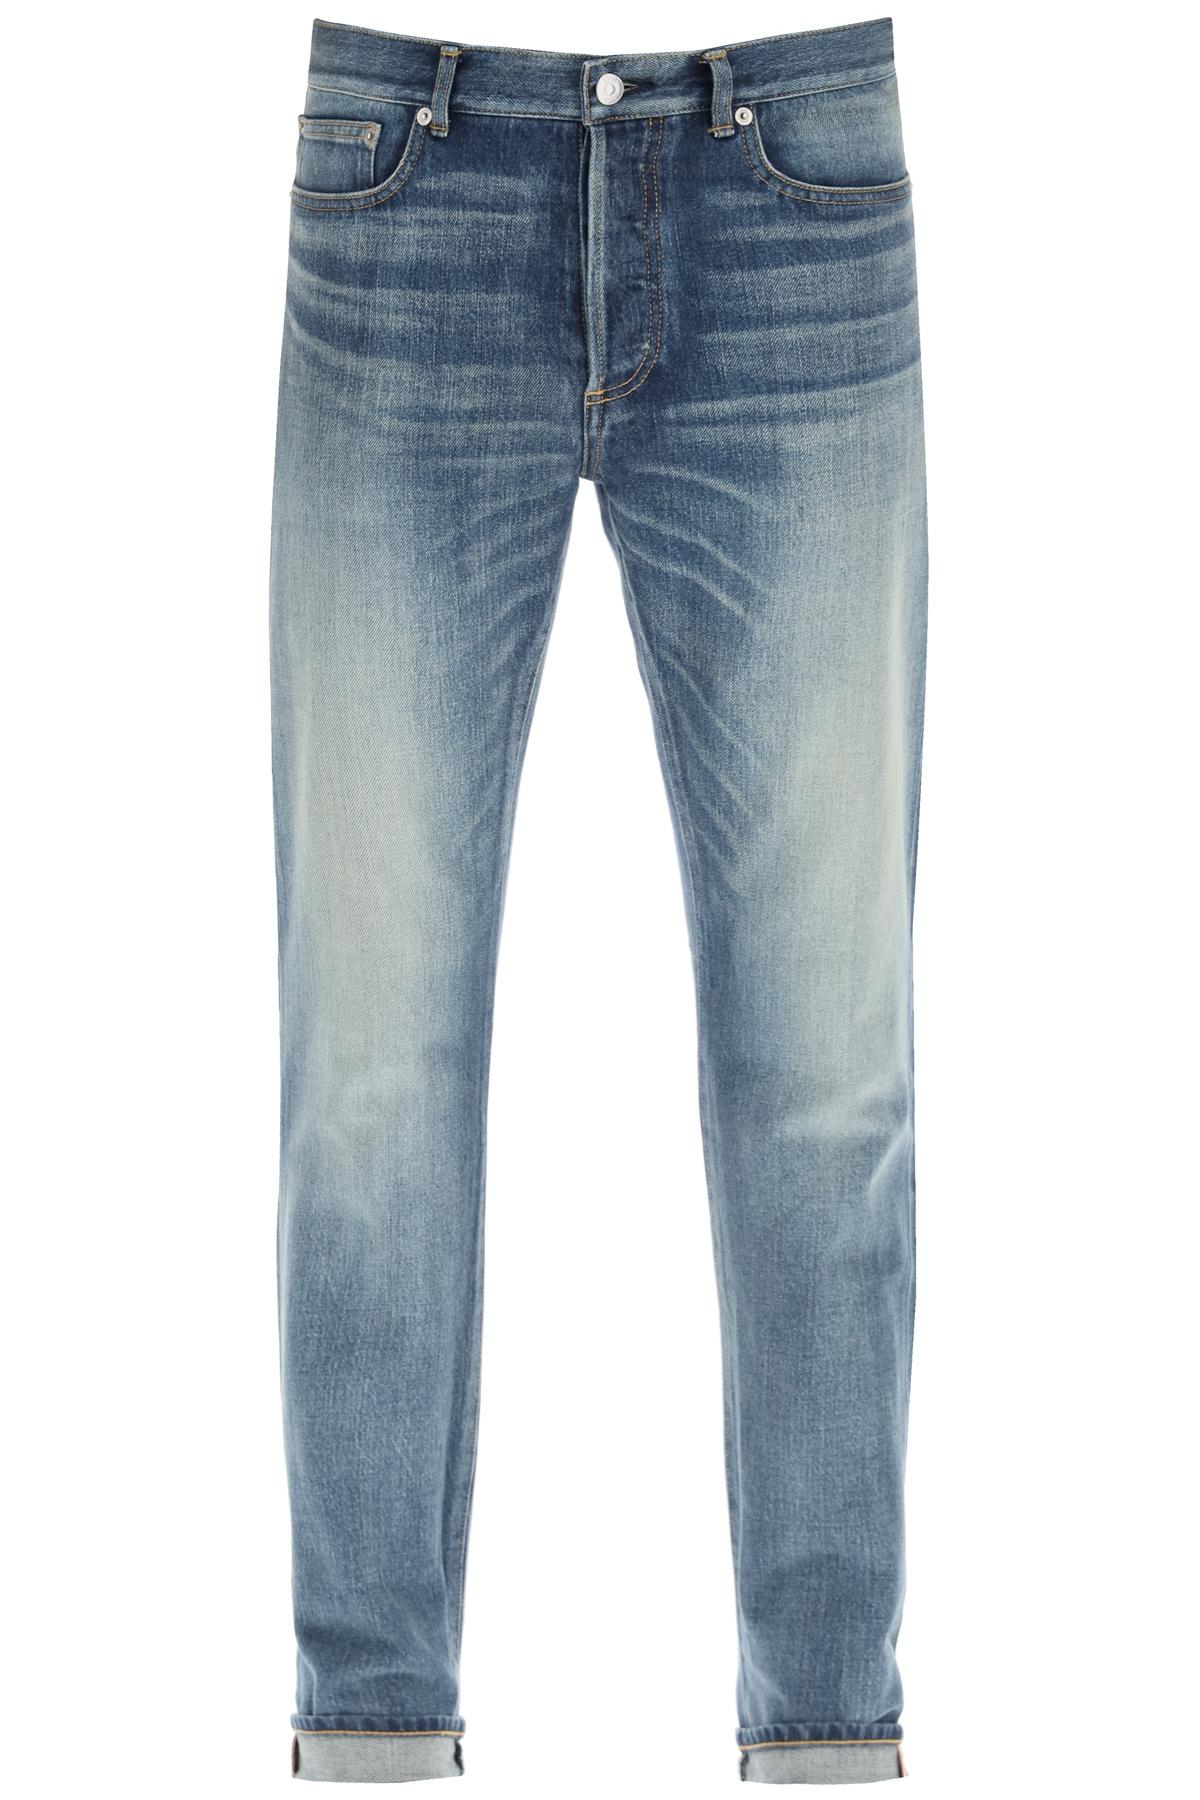 Dior jeans slim fit con cimosa logata